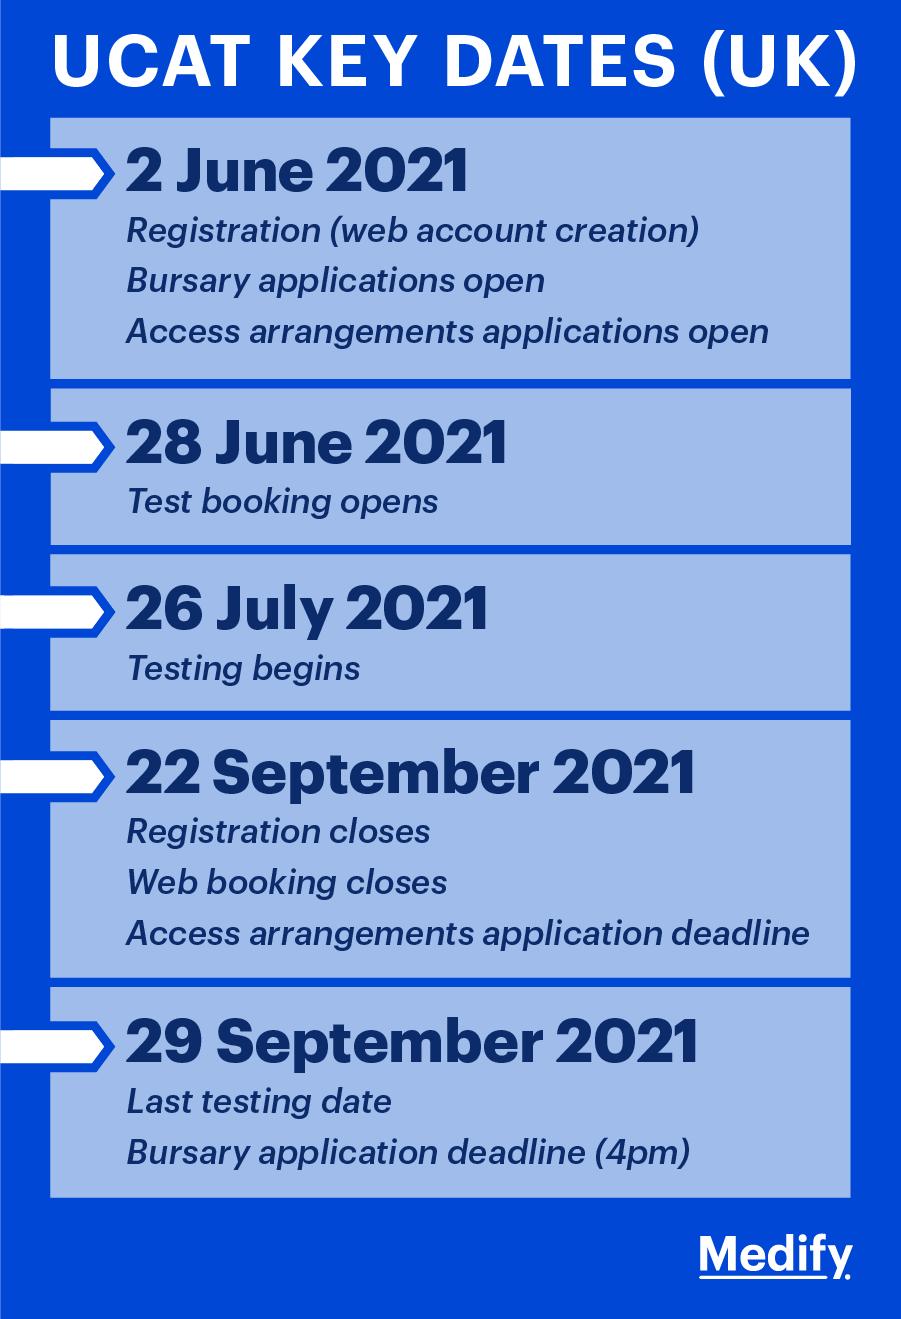 UCAT Key Dates 2021: UCAT registration, bursary applications, access arrangements, test booking and UCAT deadlines.